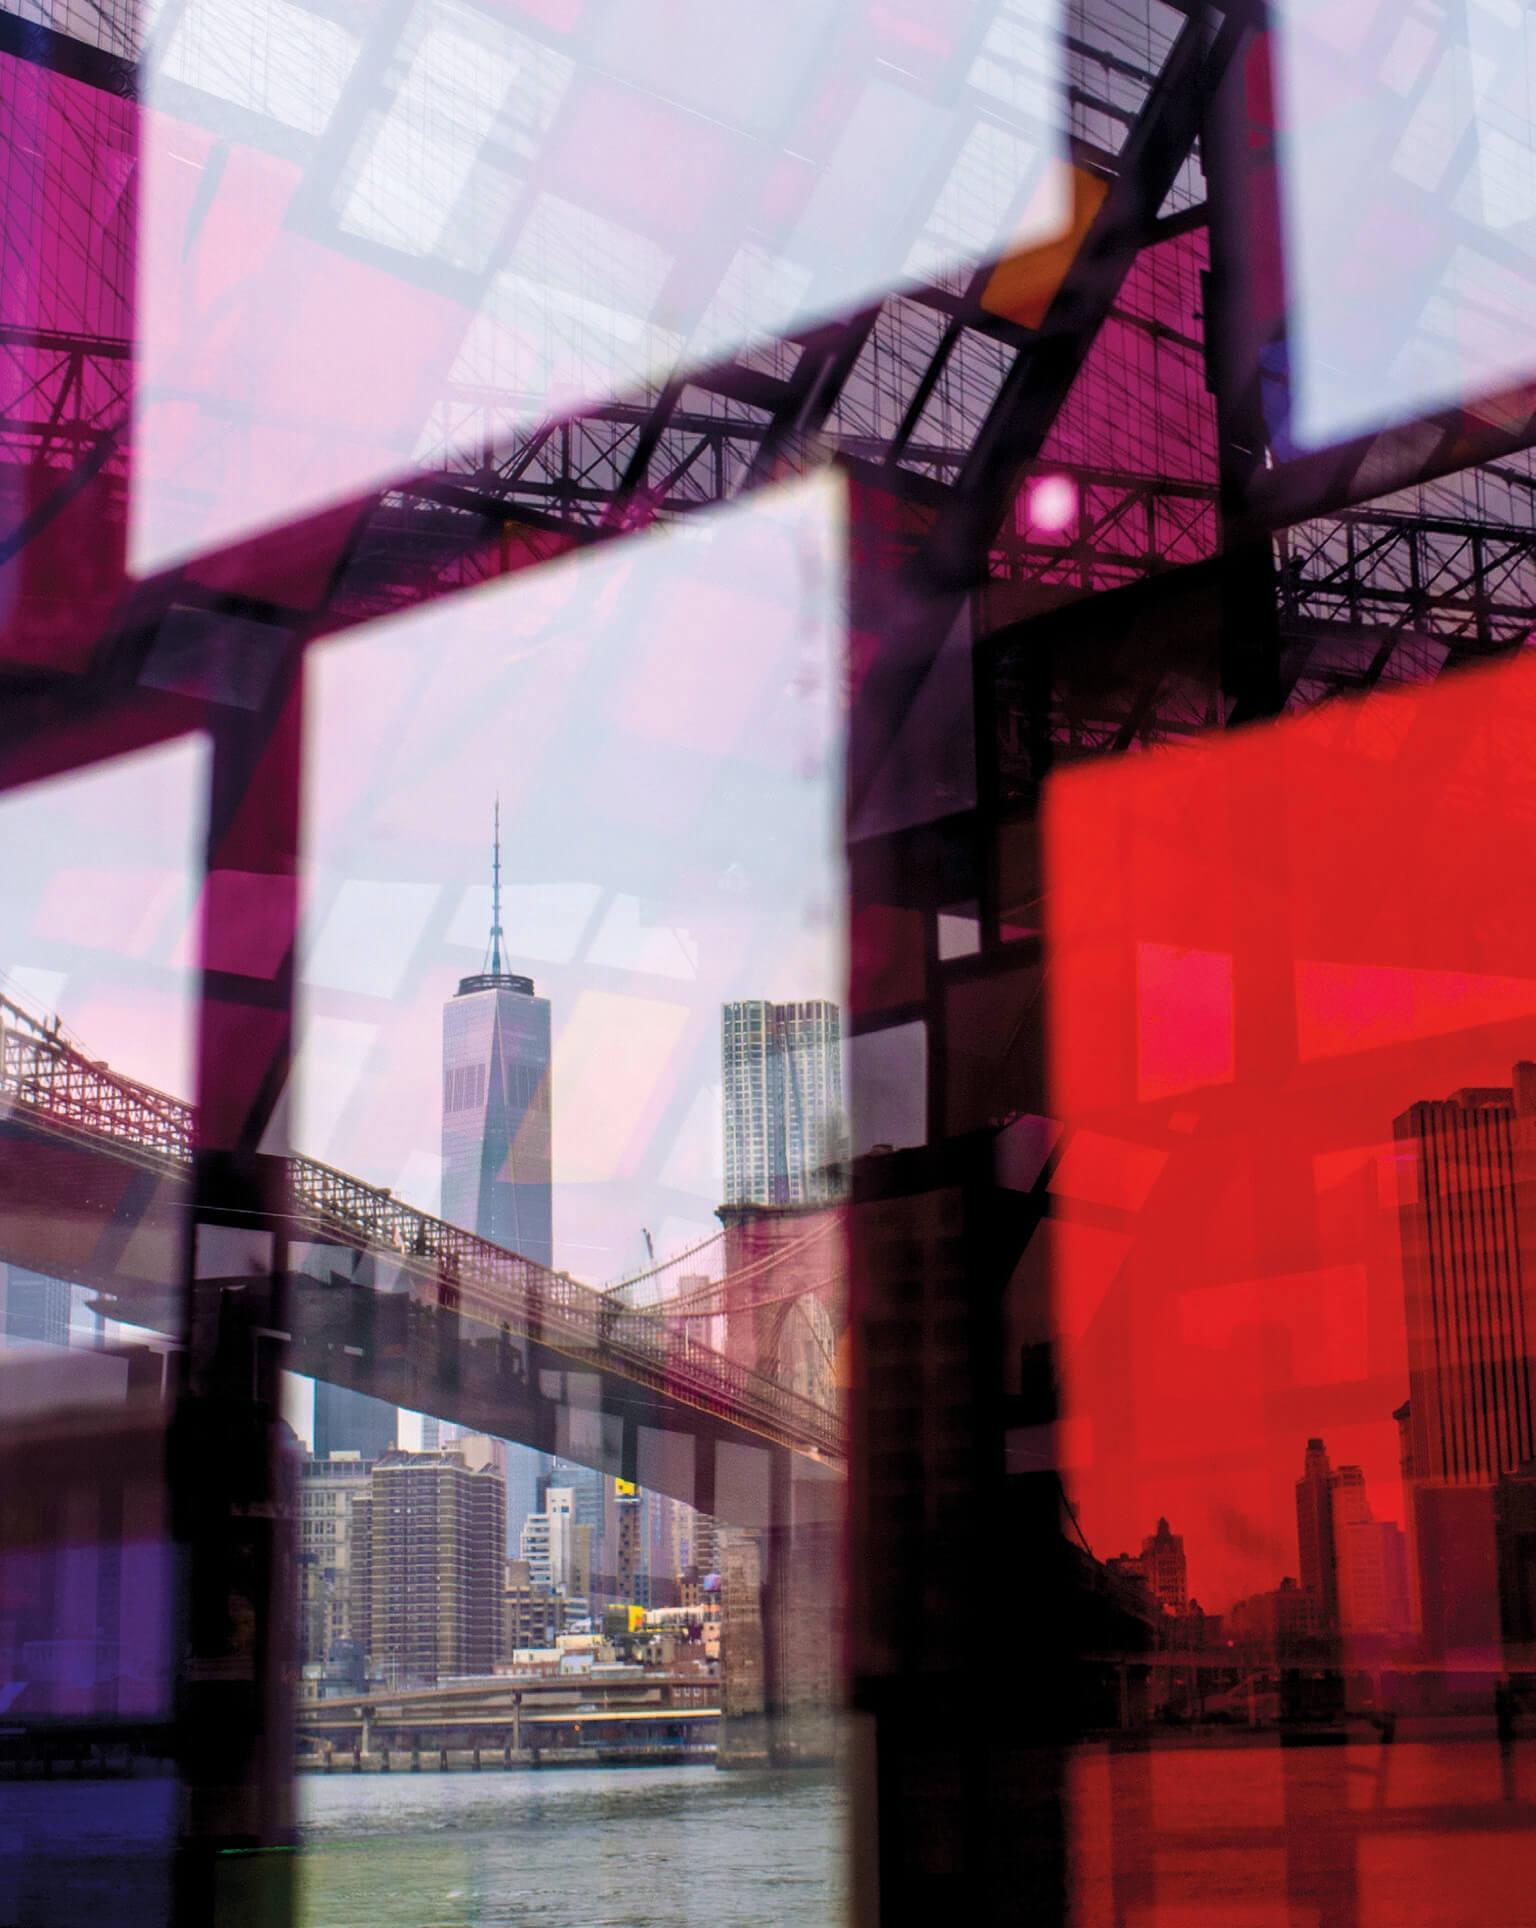 戴夫.佩克美國紐約市,皇后區某天,佩克在布魯克林大橋公園一處被稱作丹波的區域散步時,透過一座玻璃雕塑拍攝曼哈頓一隅。他隨即將這張照片拋諸腦後。幾個月後,他的妻子發現他捕捉到了特別的東西,那就是一個觀看這條世界知名天際線的原創視角。攝影:戴夫.佩克